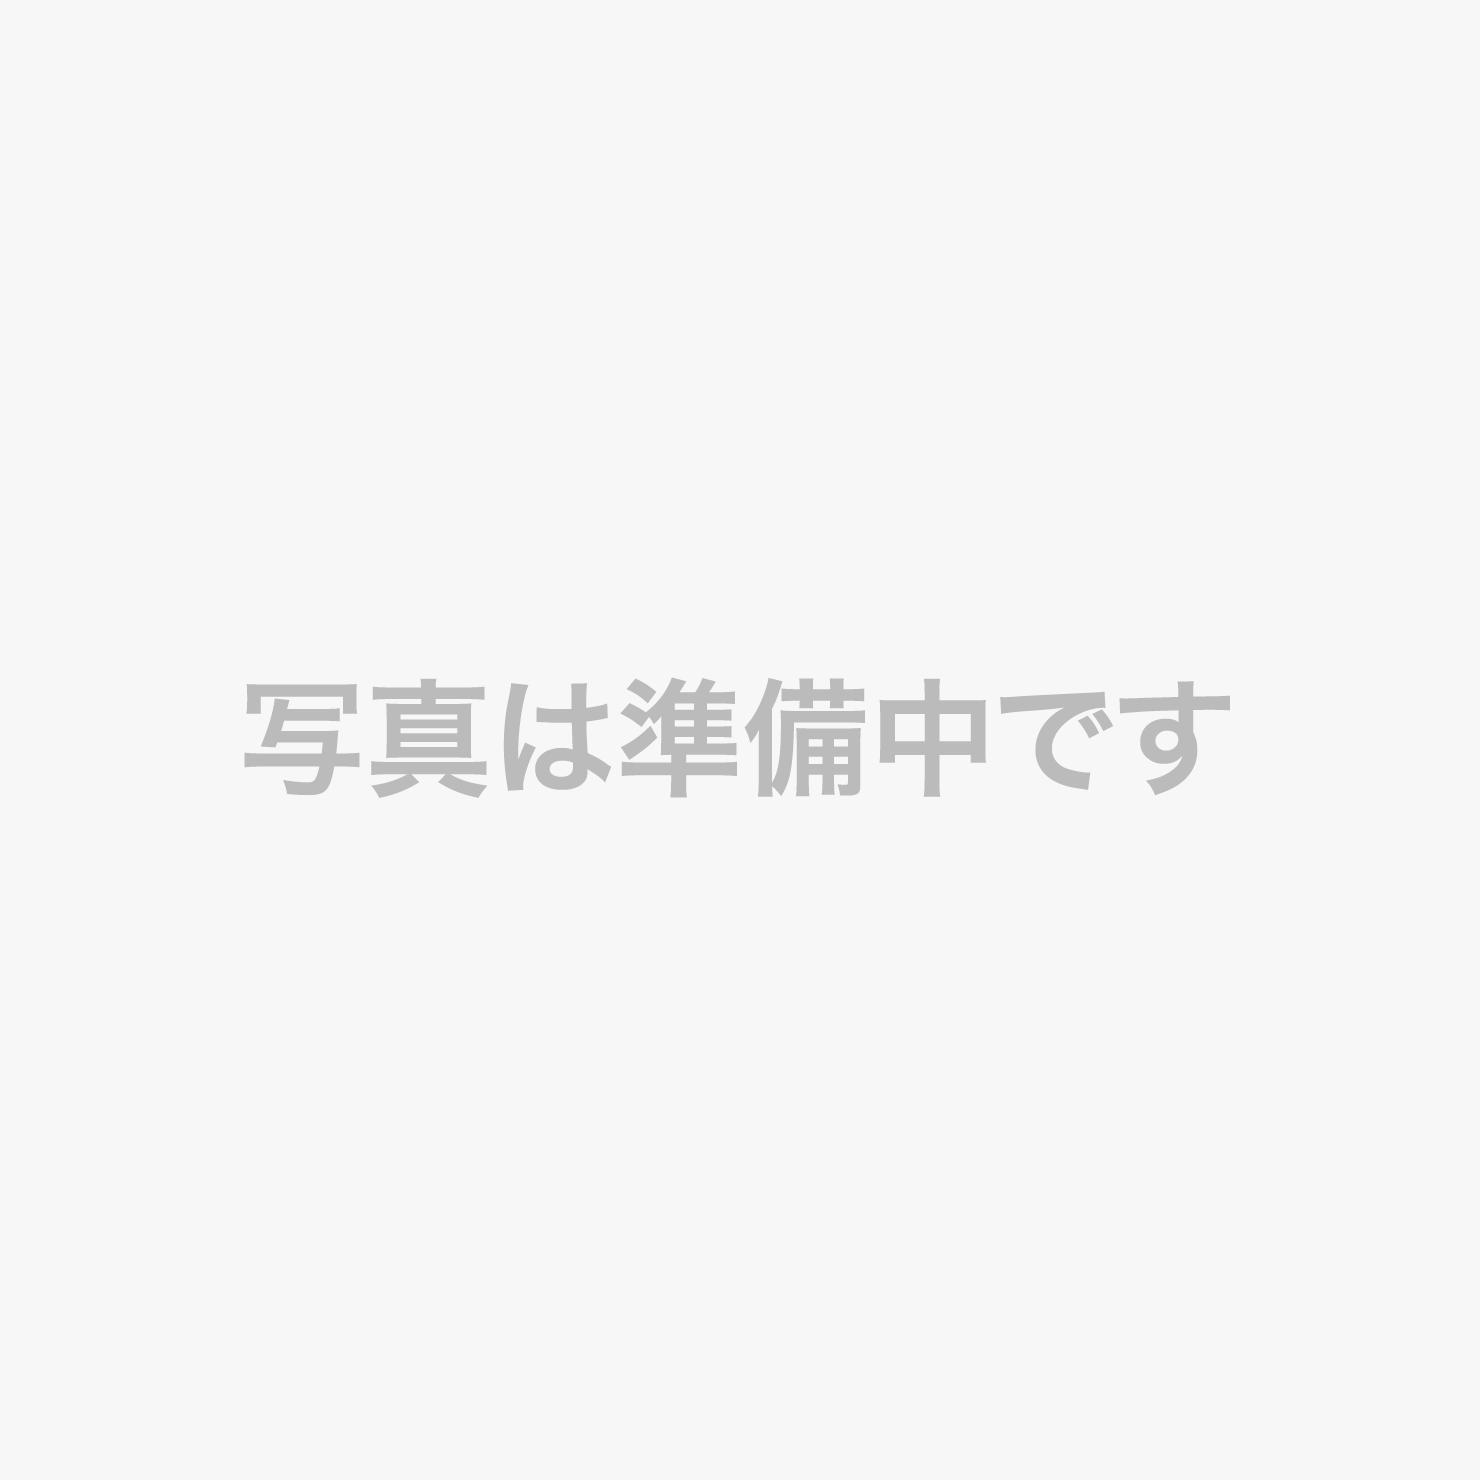 水風呂(サウナ横)